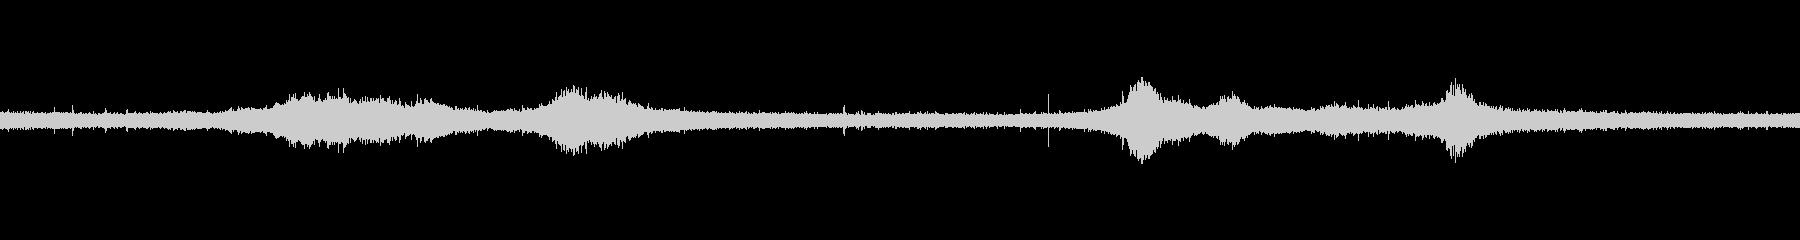 【生音】雨の日の通行音 - 6 雨 車…の未再生の波形